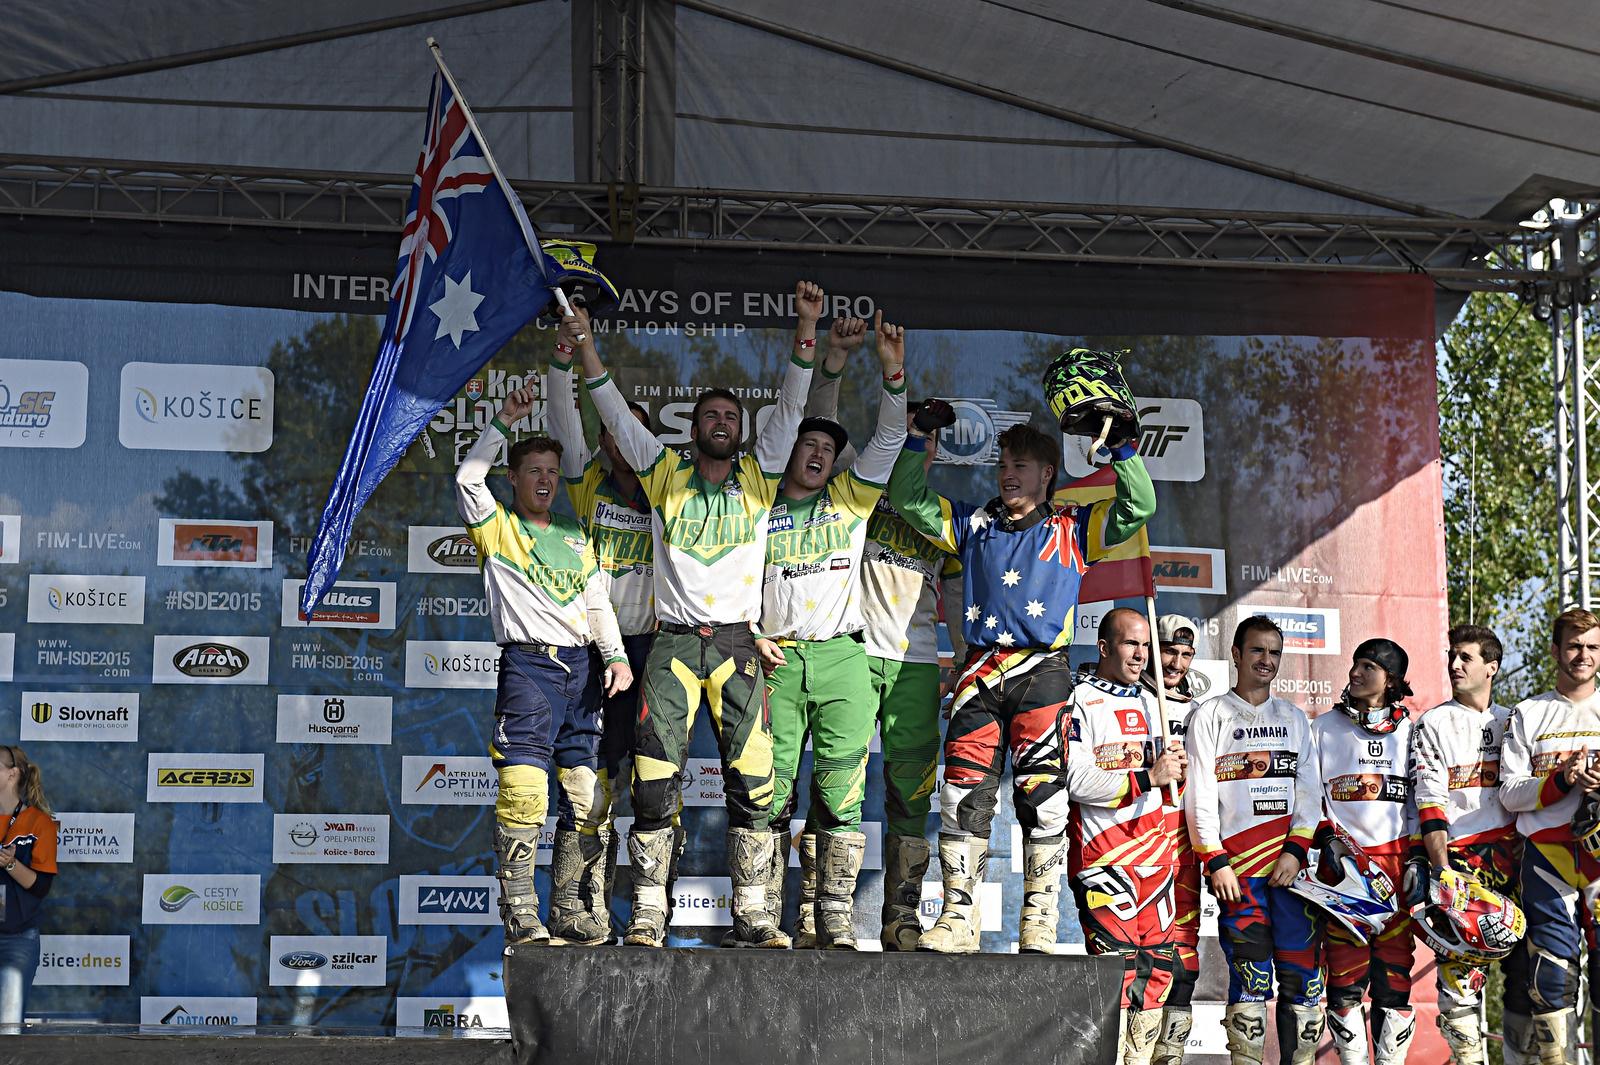 Das Australische World Trophy Team ging aus Protest aufs oberste Treppchen, als Frankreich kam verließ die Mannschaft die Siegerehrung und feierte auf einem Gegenhang weiter